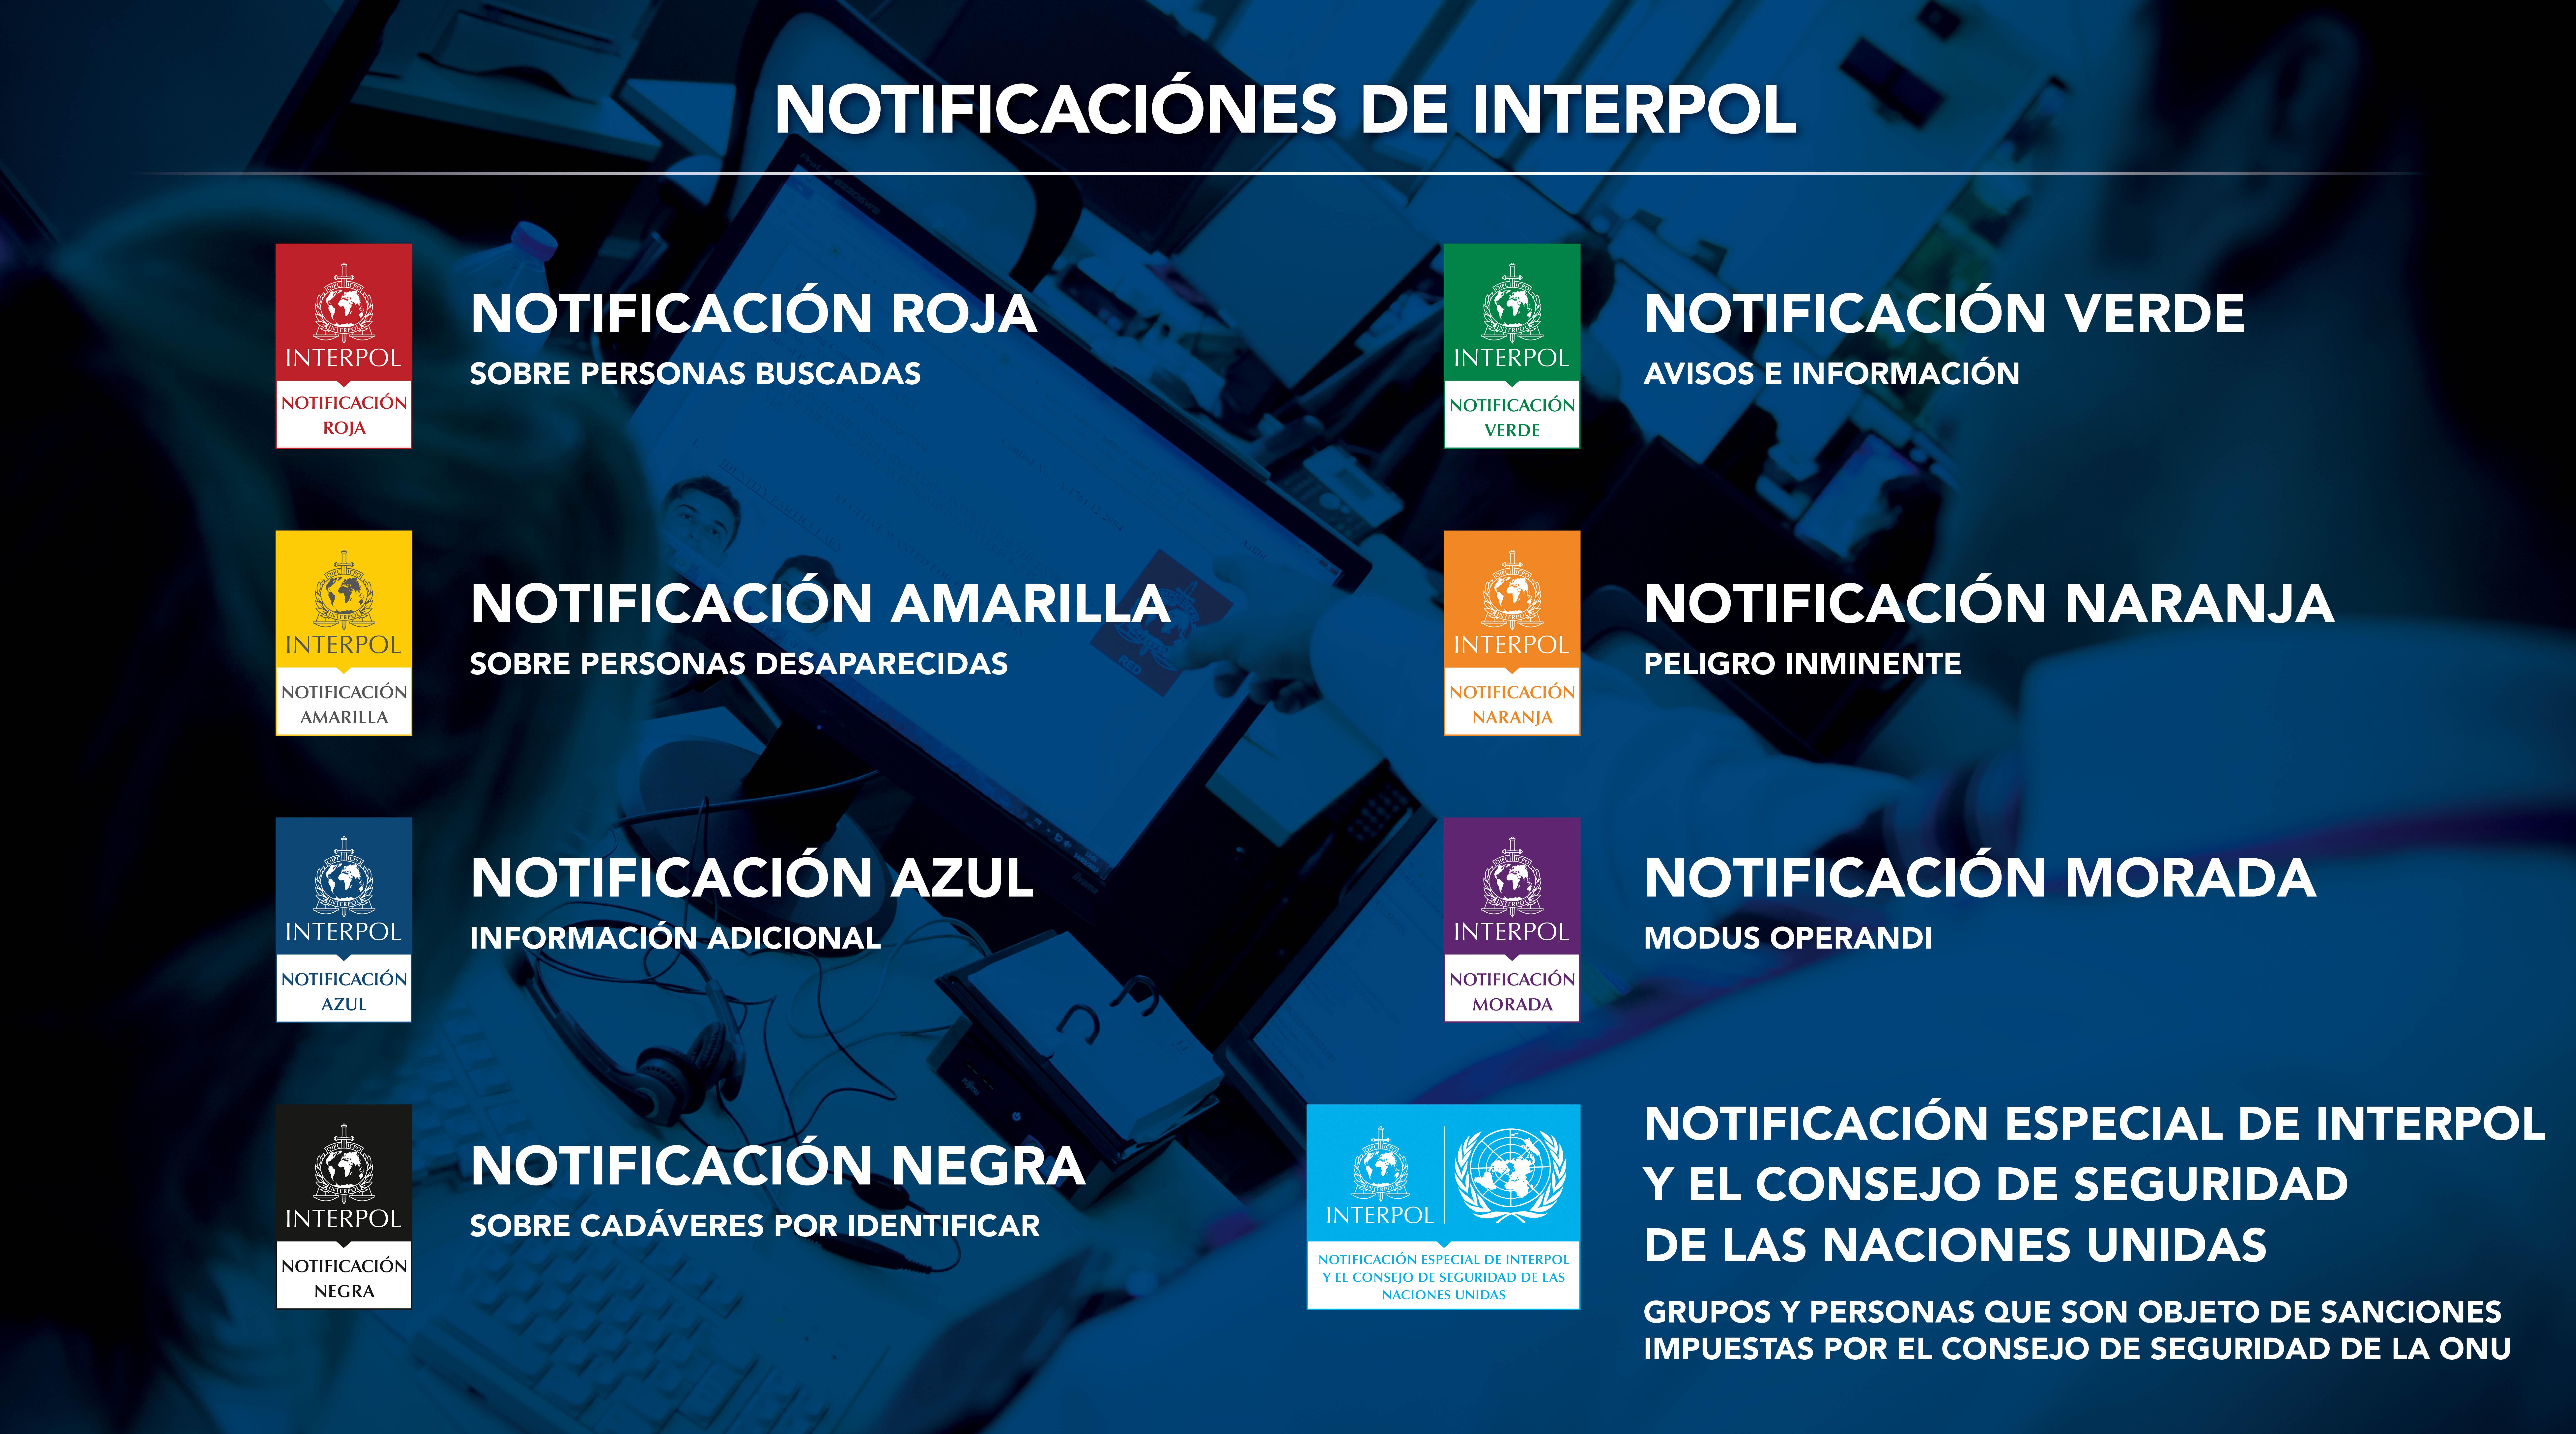 Sistema de INTEPROL de las notificaciones con códigos de color